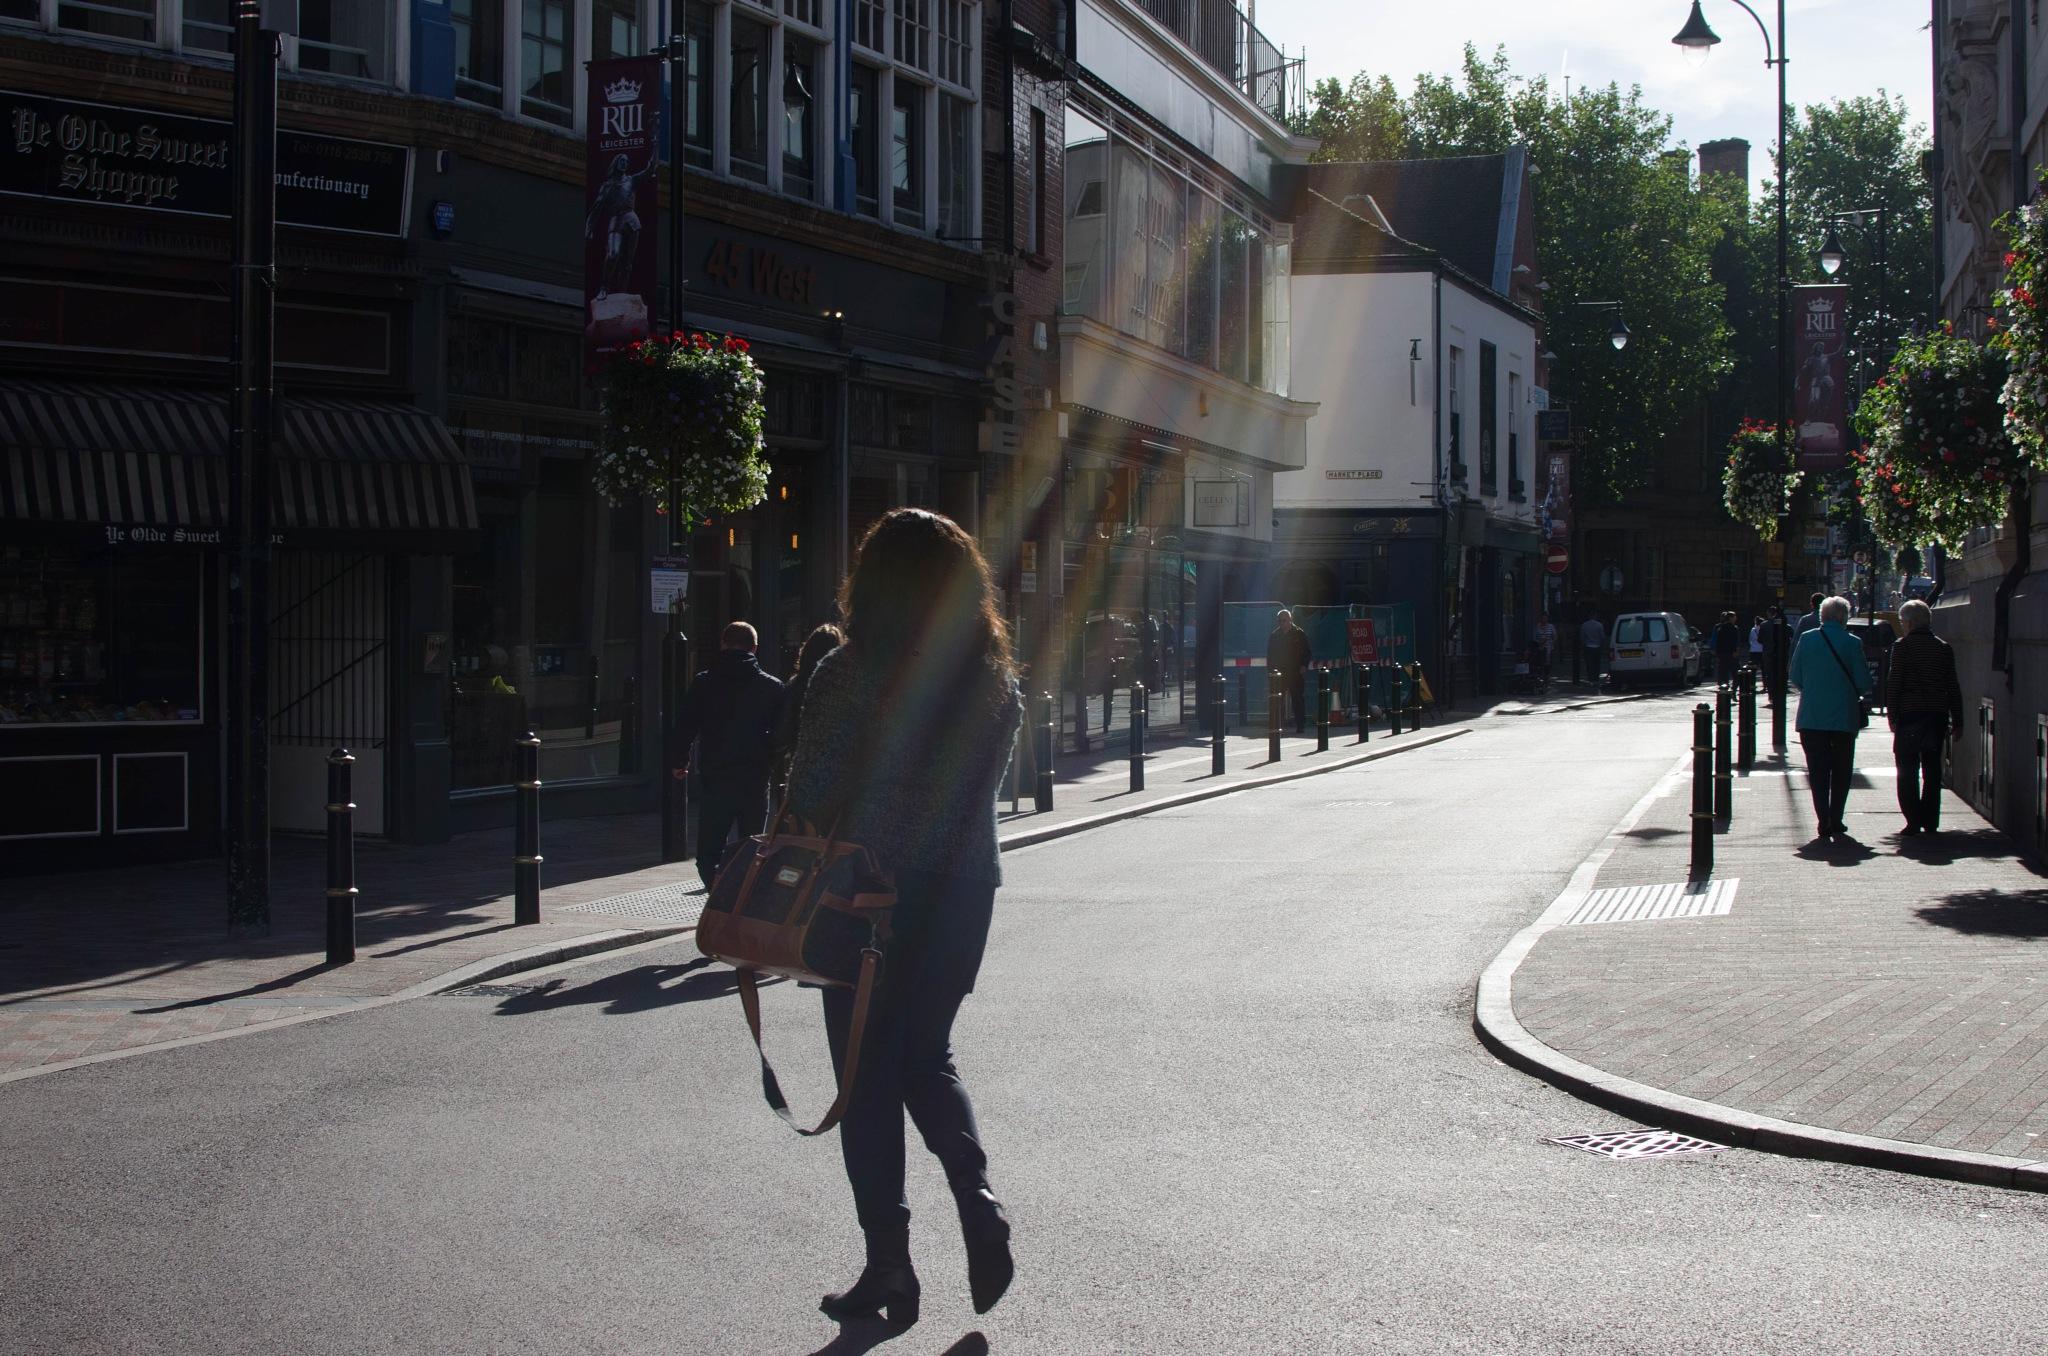 Lady Crossing by nigelkibble2